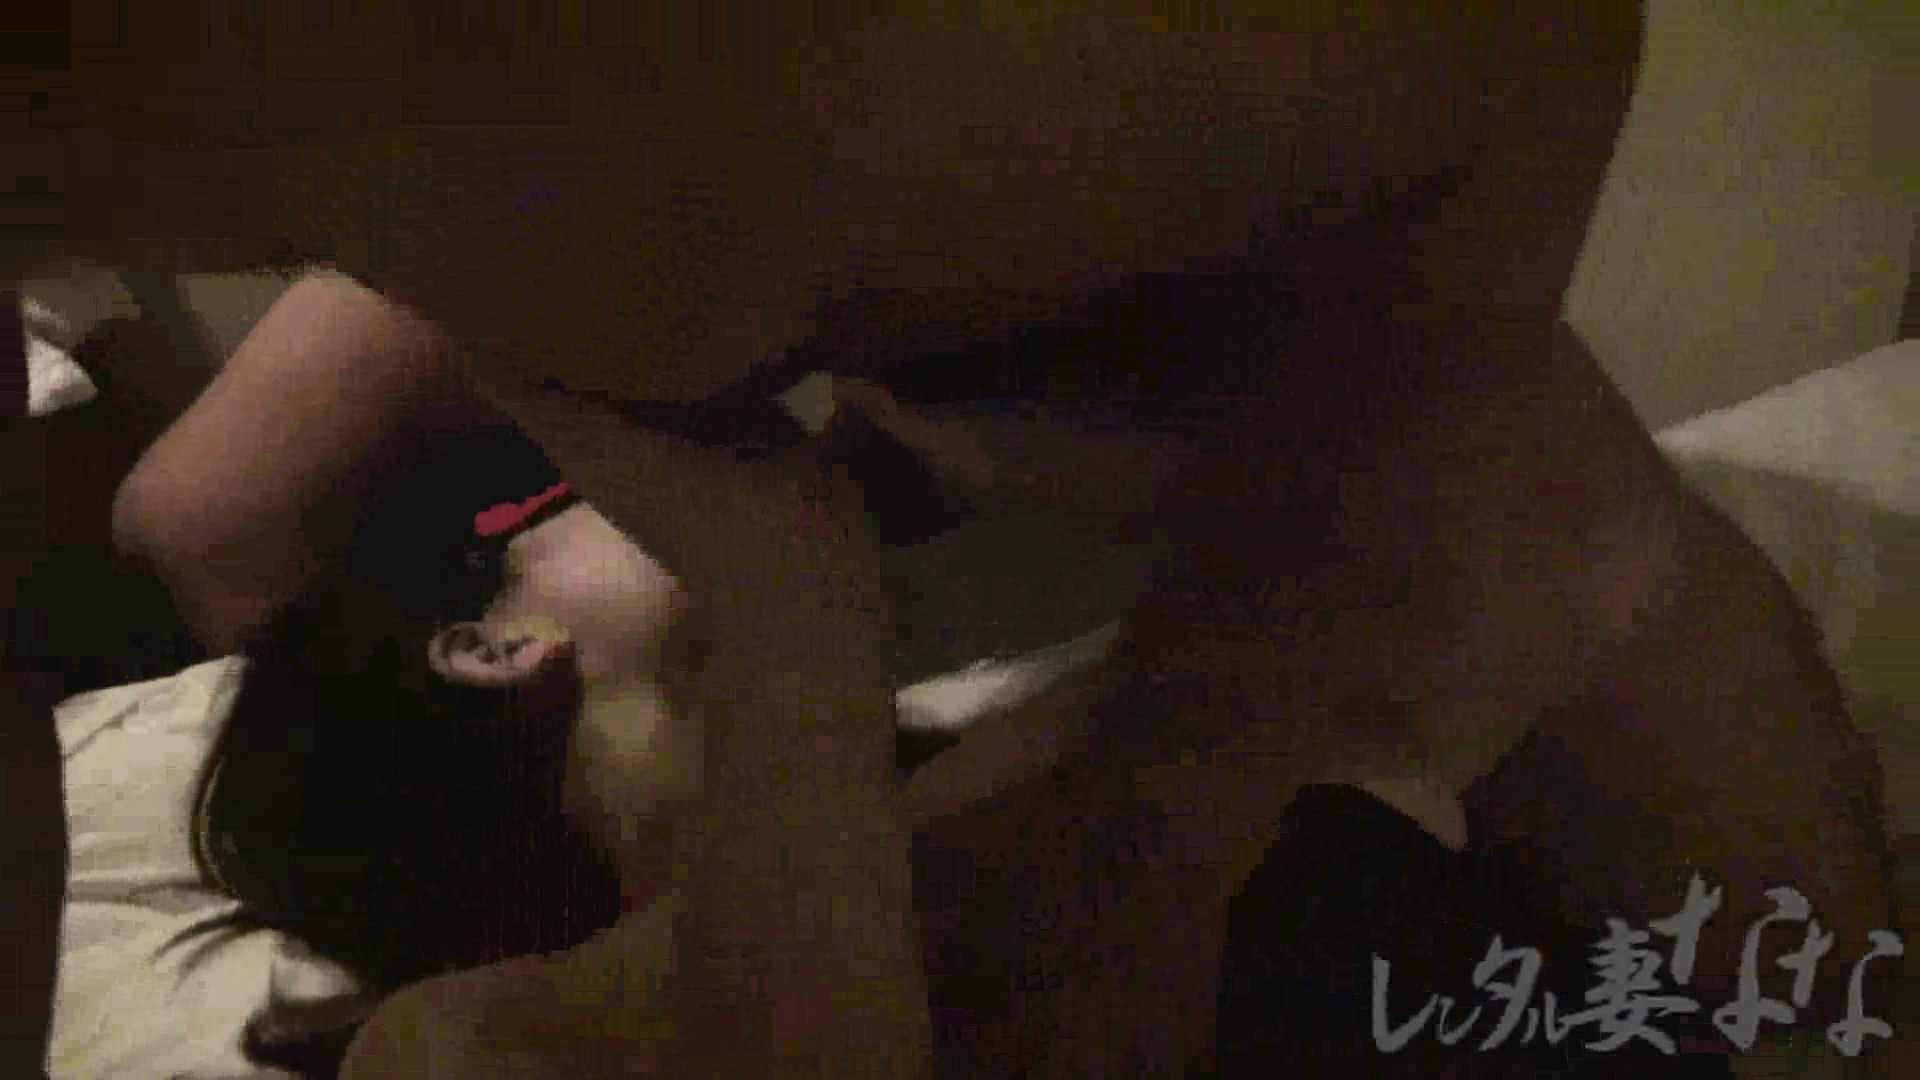 レンタル妻ななvol.12 3Pセックス編 OL裸体 | ギャル達のおっぱい  84画像 41